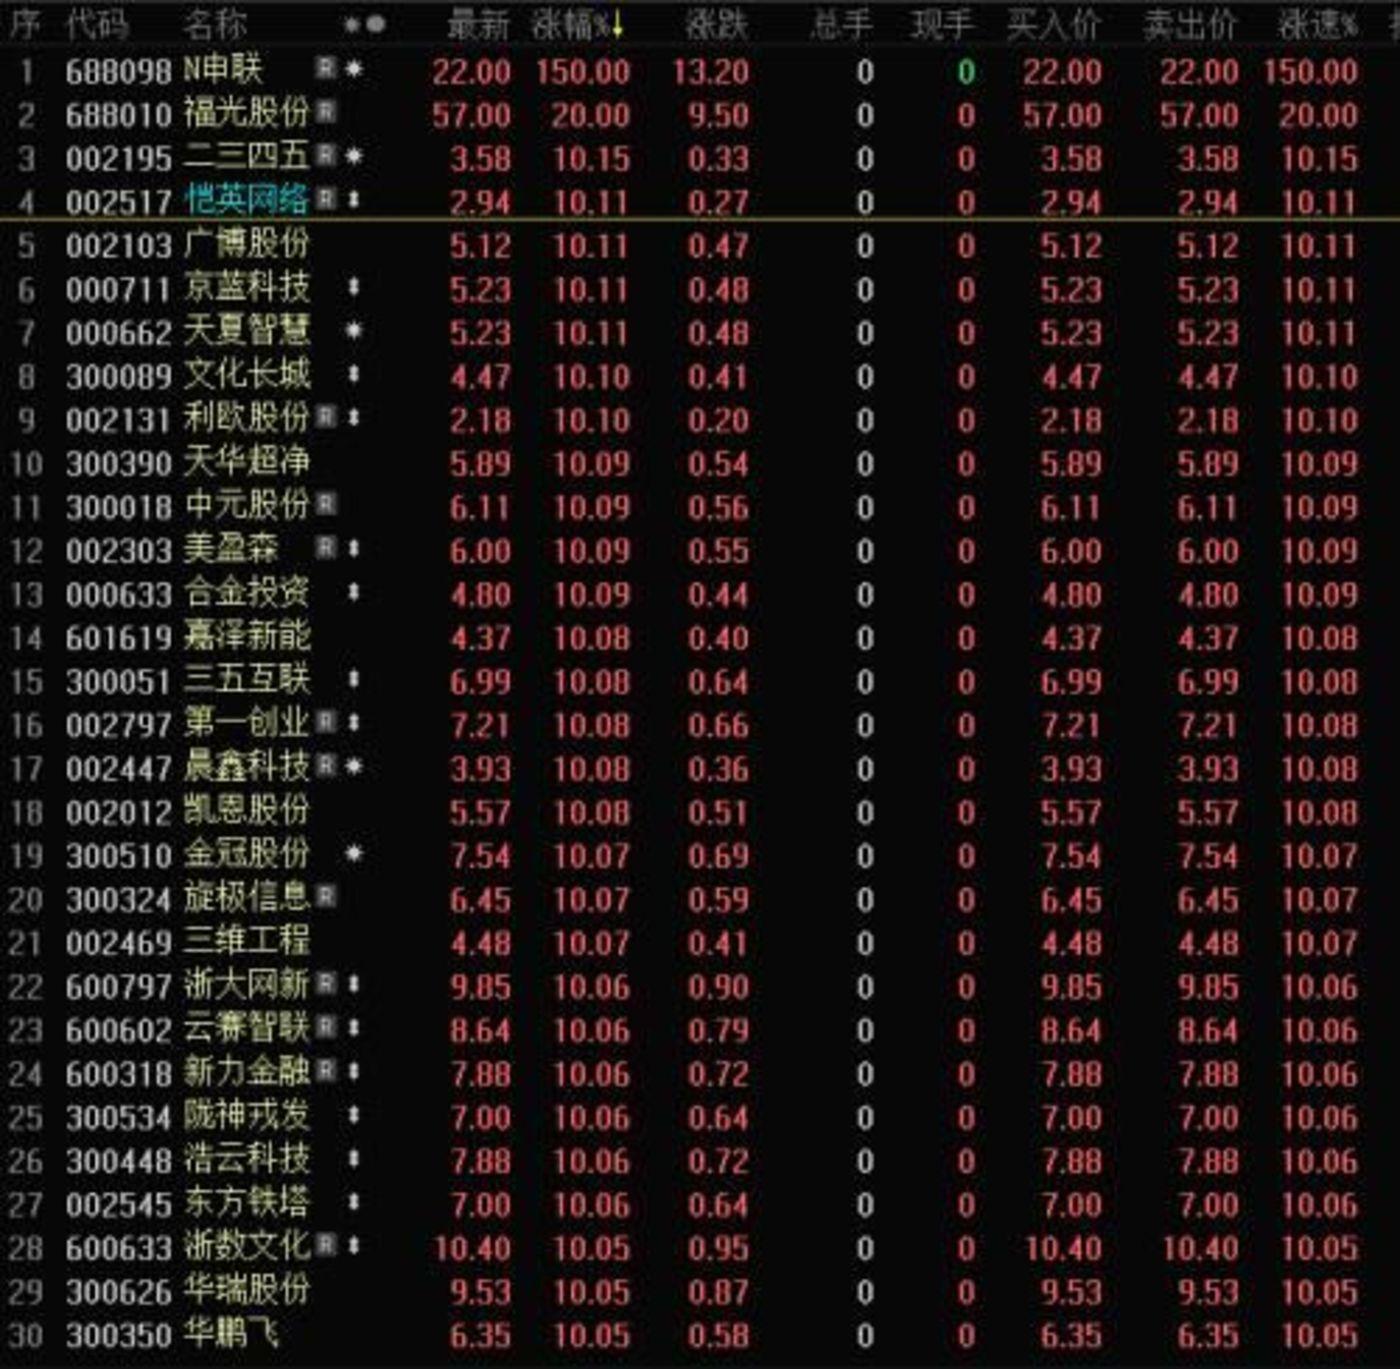 http://www.reviewcode.cn/chanpinsheji/92951.html